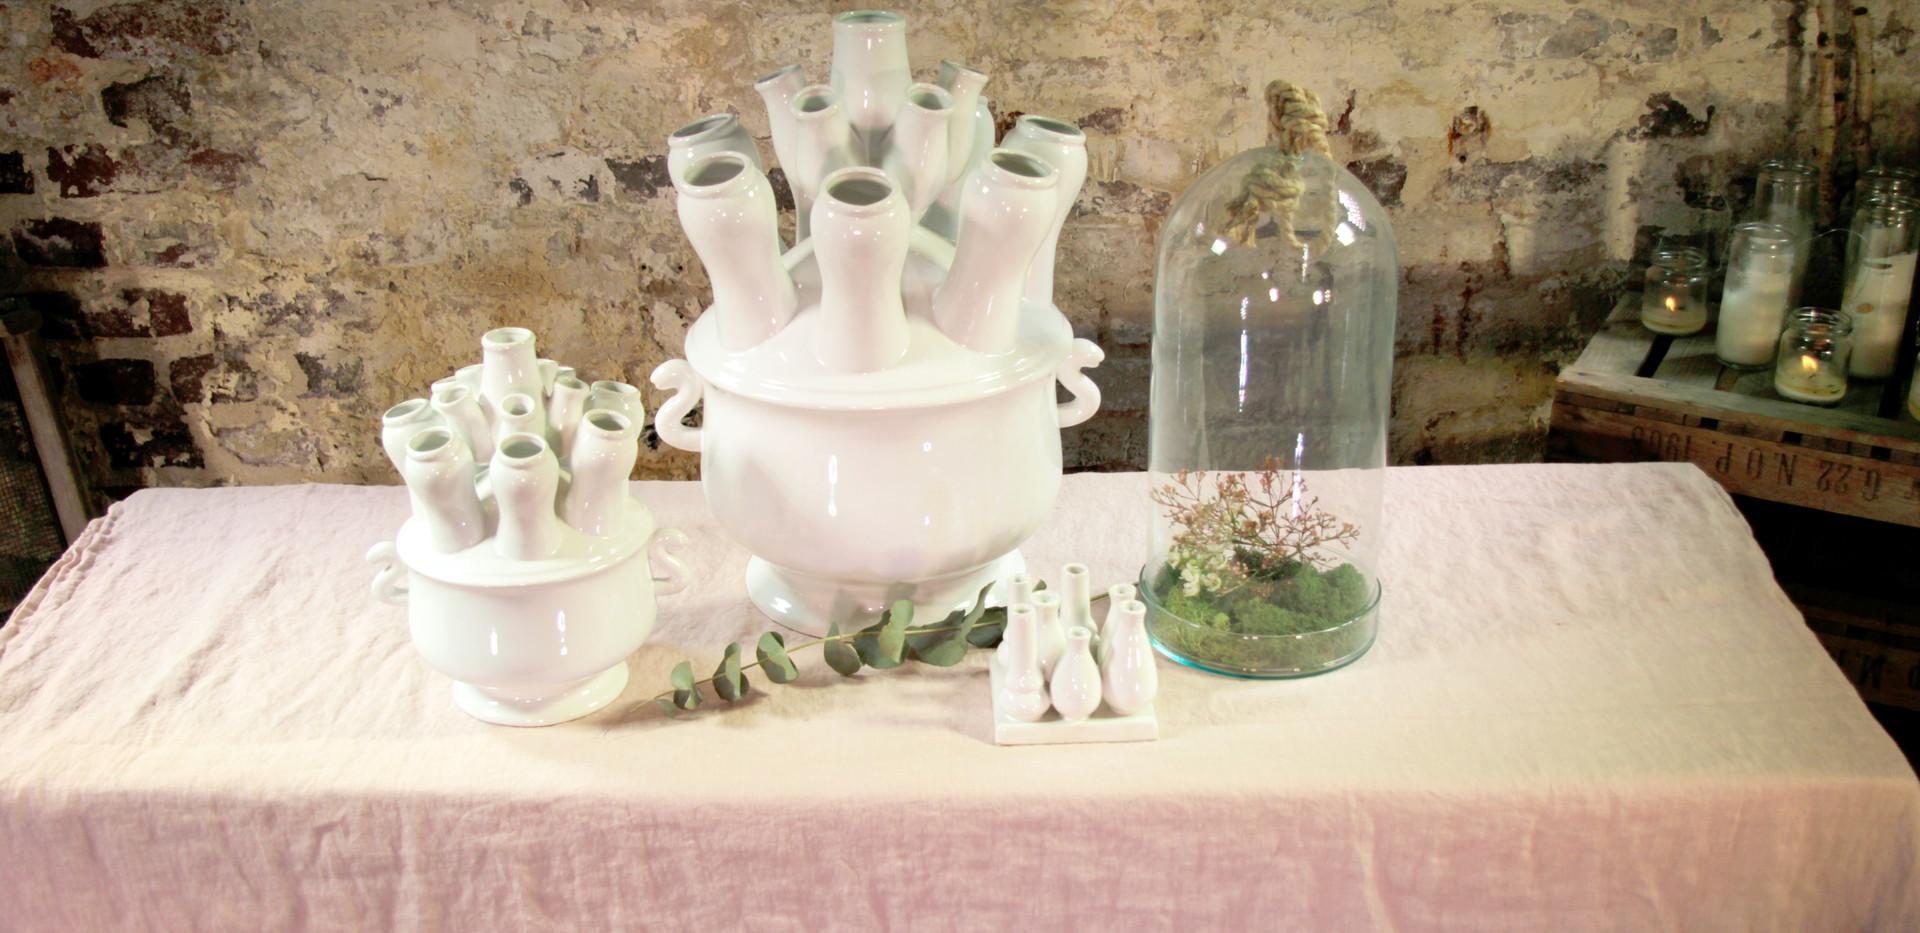 Vase Holland mini - 2,50 Euro - klein - 5,50 Euro - groß 11,50 Euro, Glasglocken Stk. 6,50 Euro